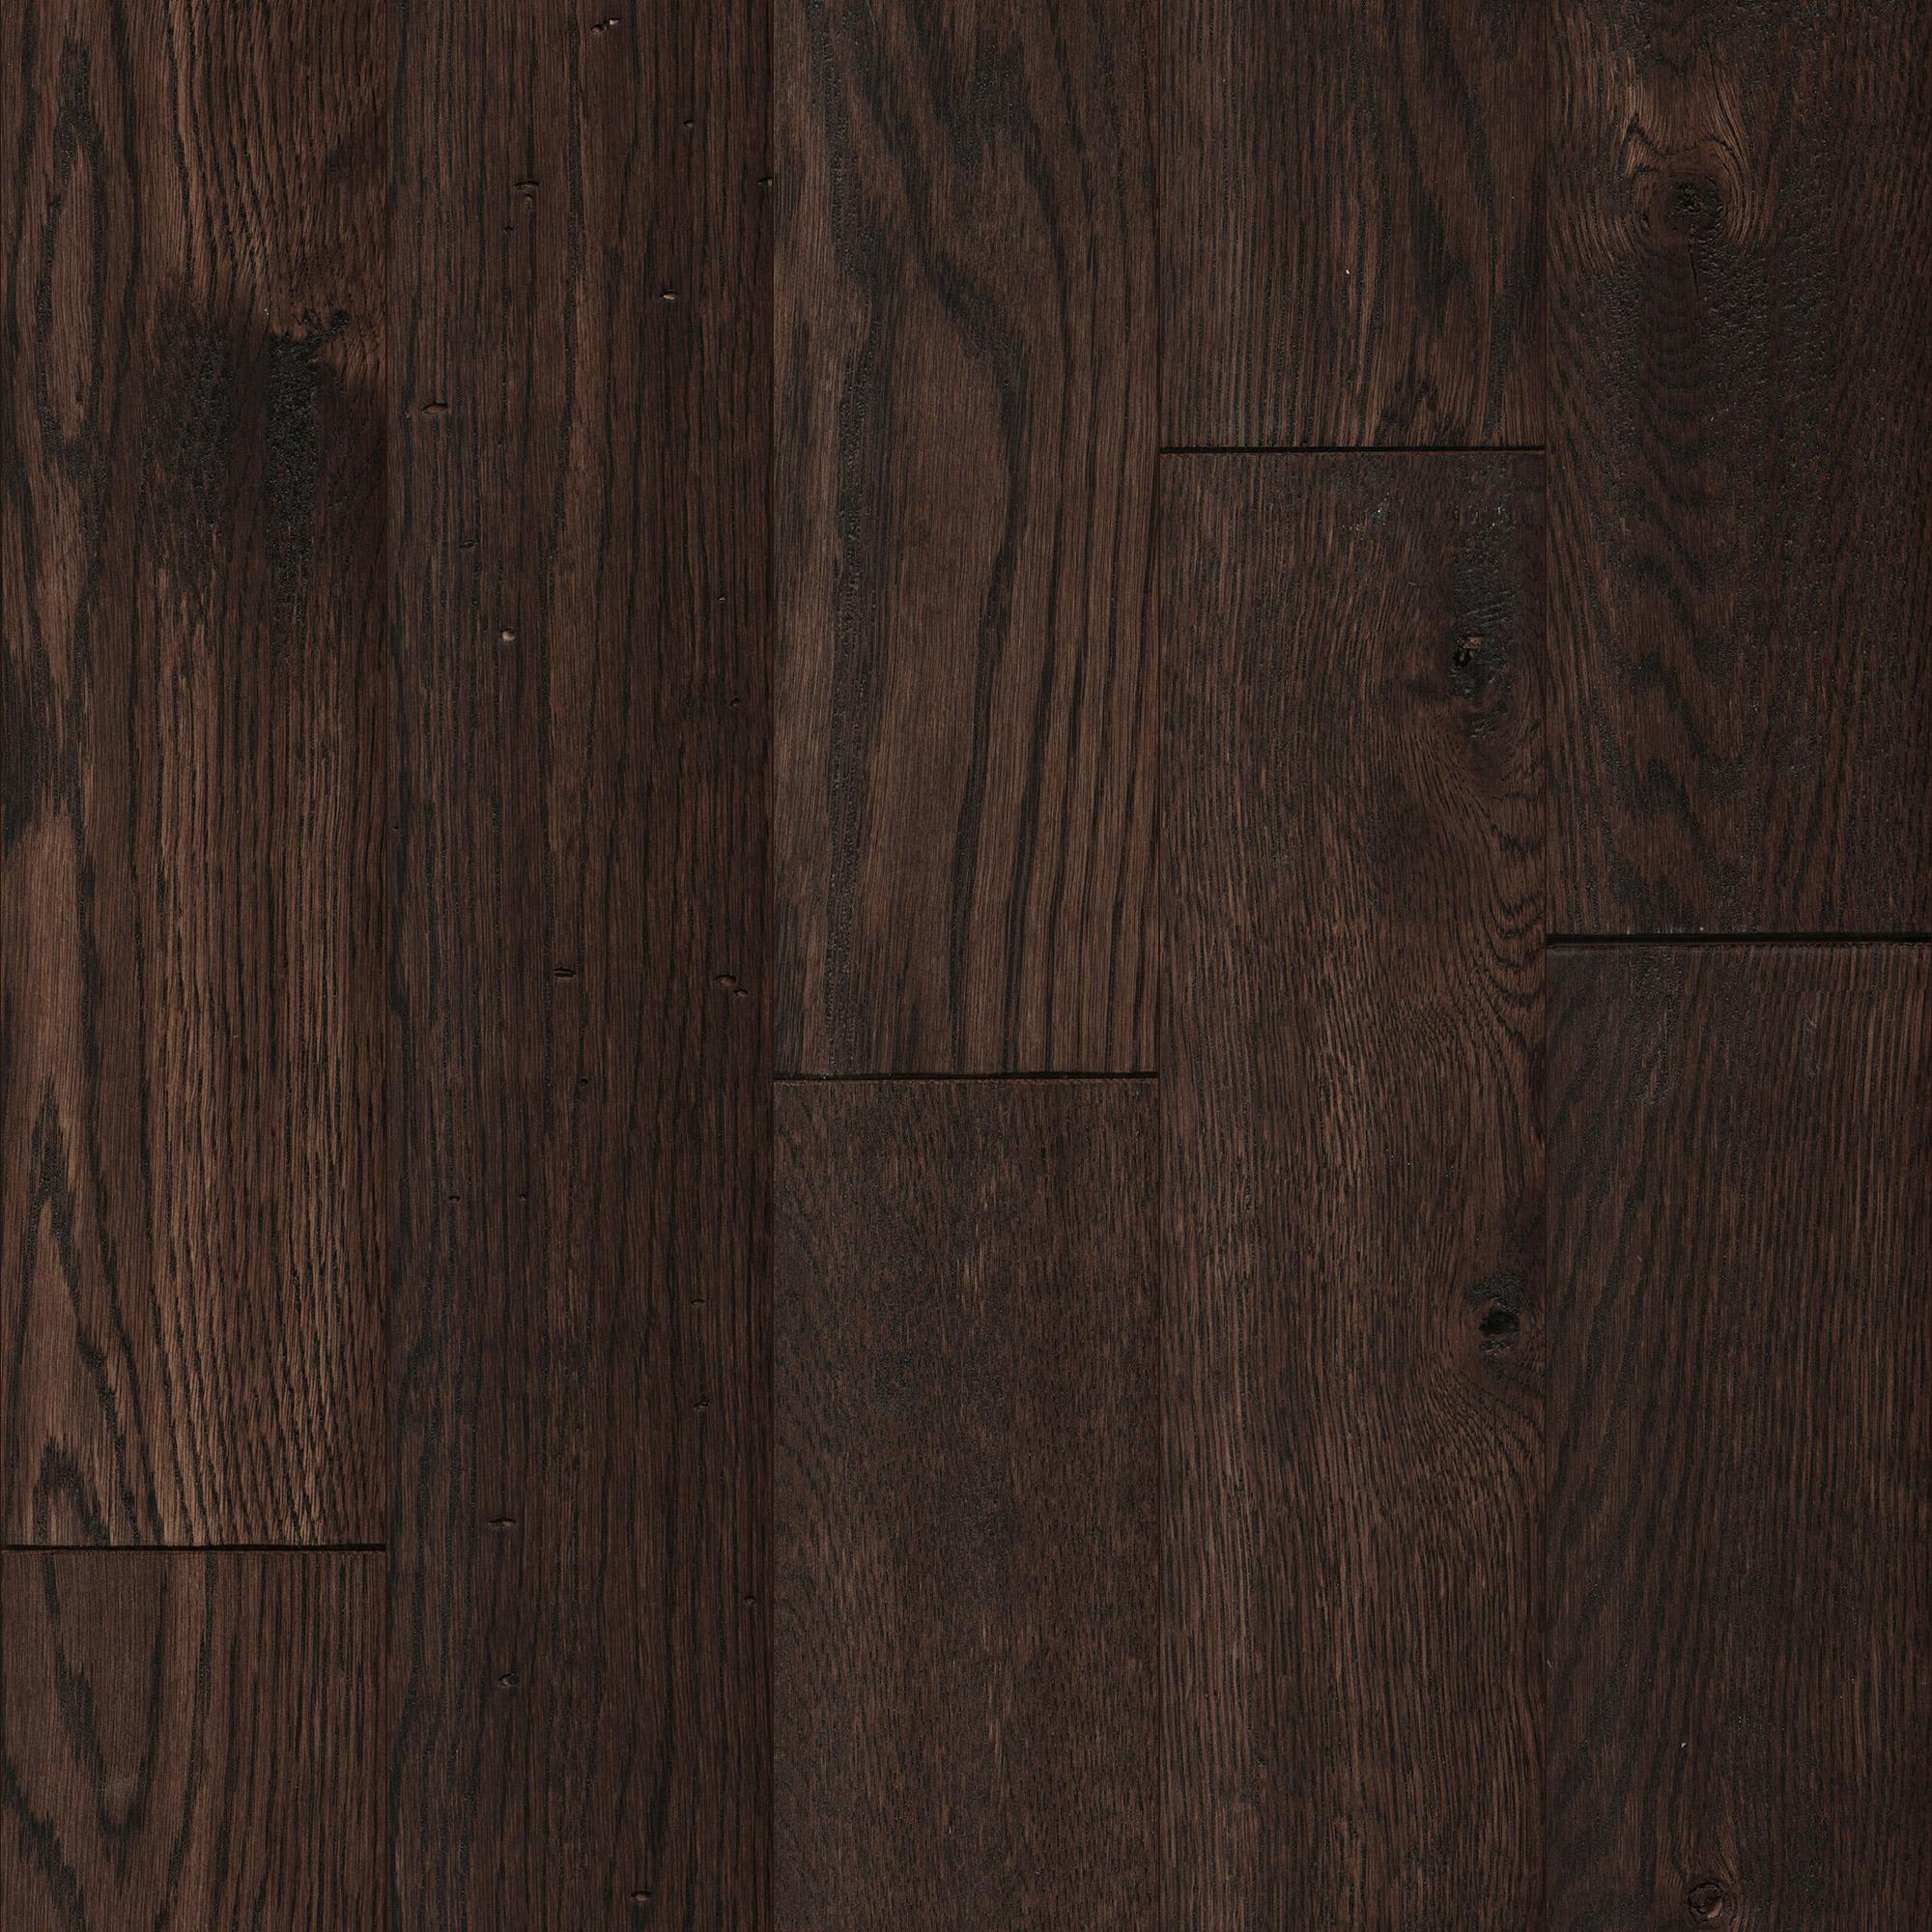 replacing glued down hardwood floor of mullican chatelaine oak ebony 4 wide solid hardwood flooring with regard to more views